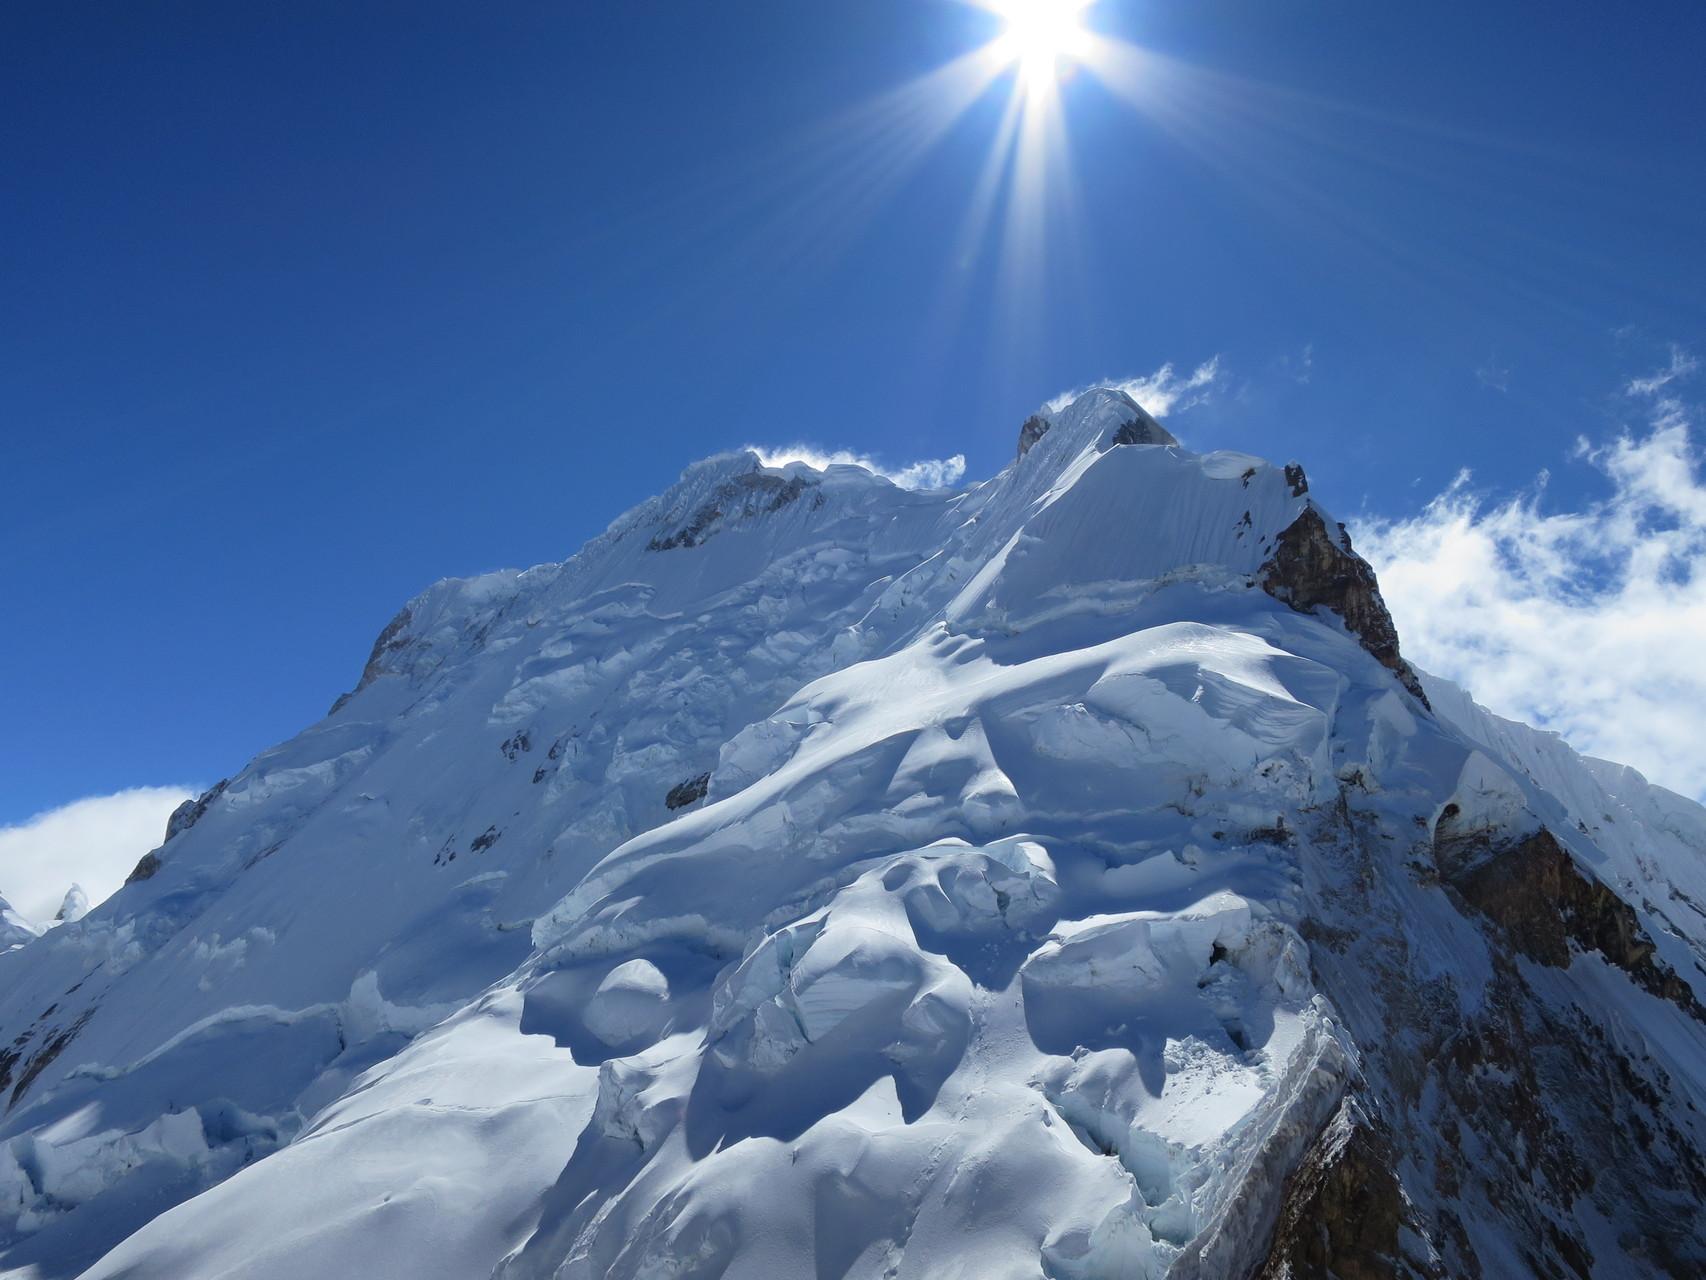 Der Yerupaja, ein eindrücklicher Berg